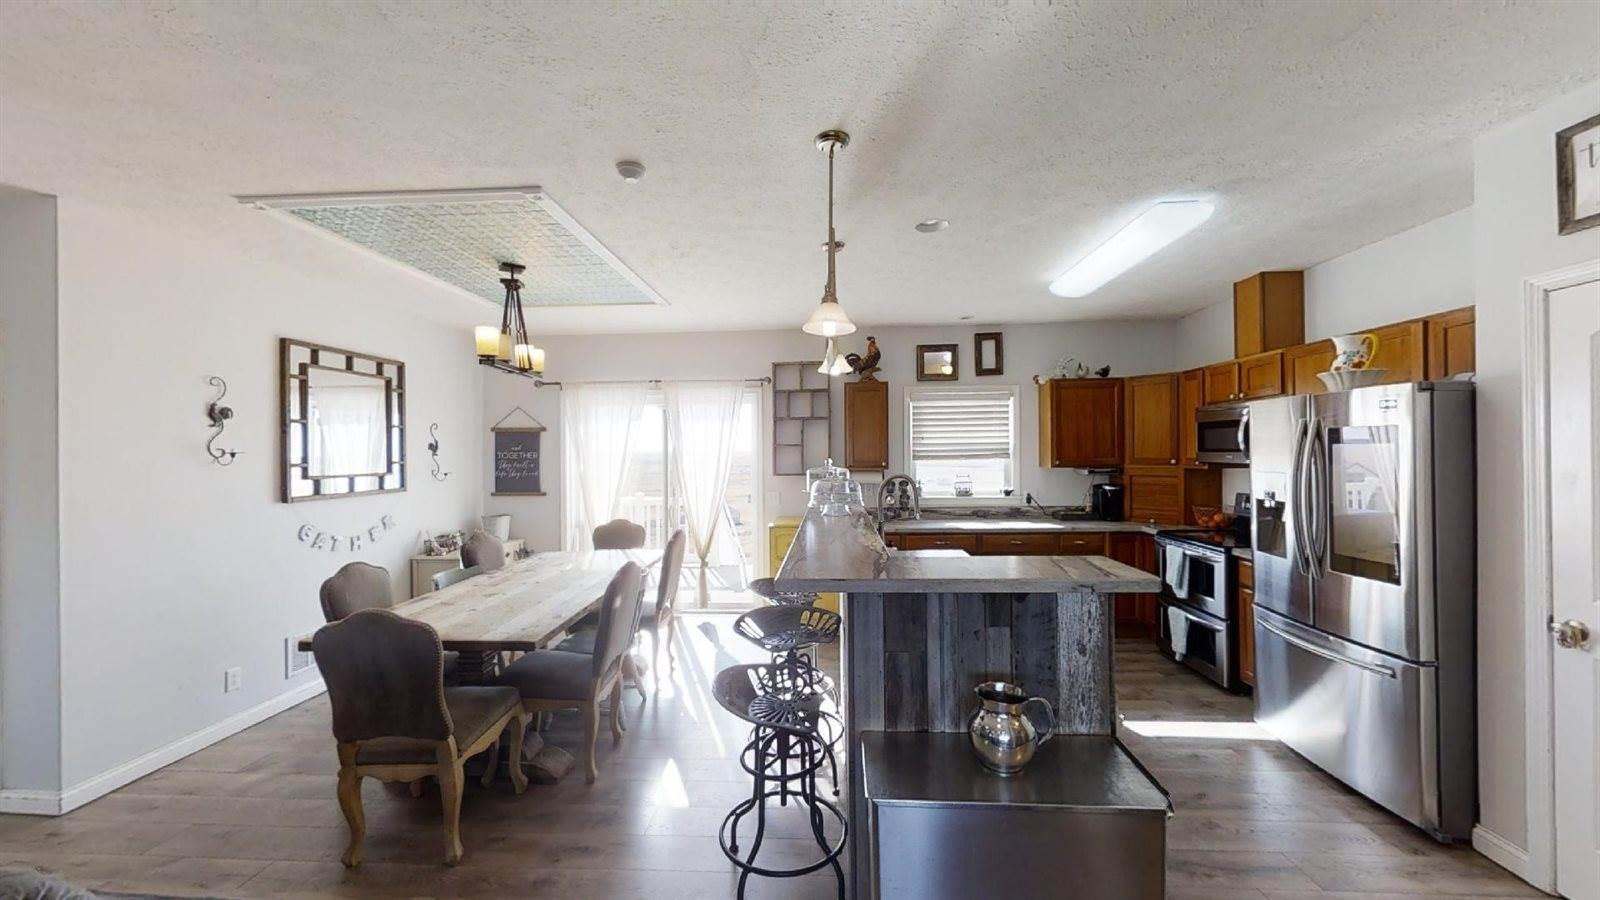 14751 Mortenson St, Williston, ND 58801